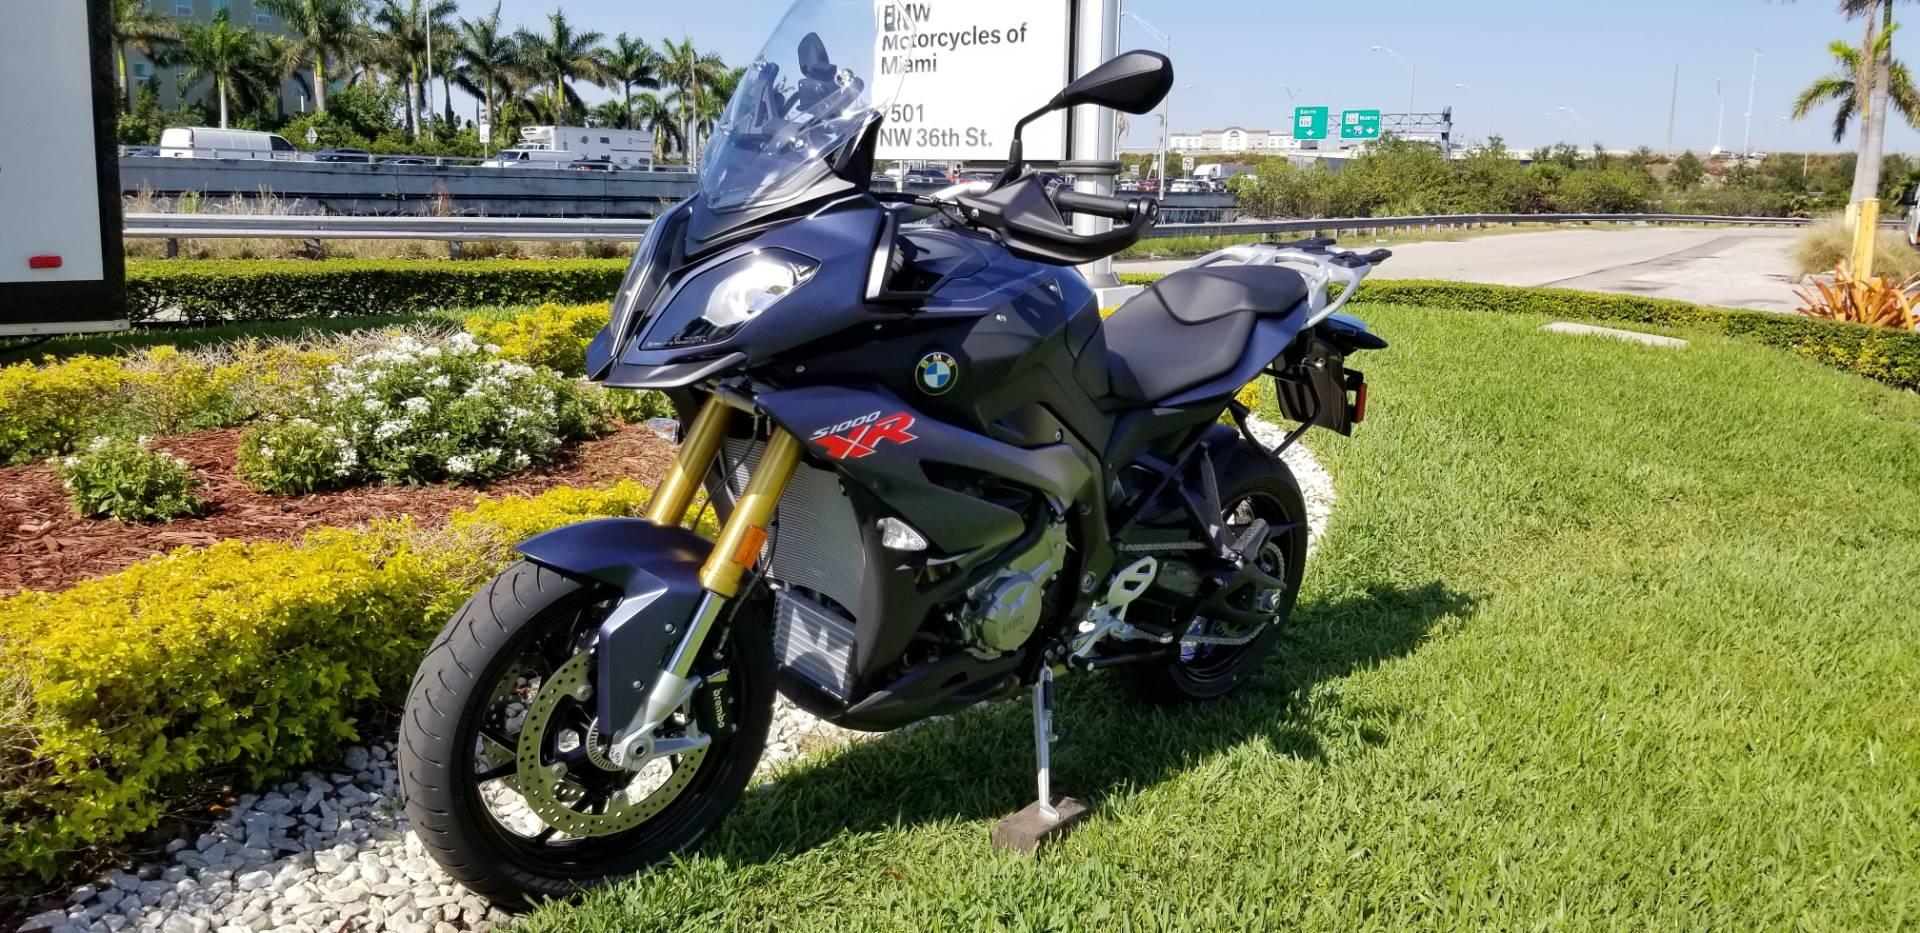 2018 S 1000 XR